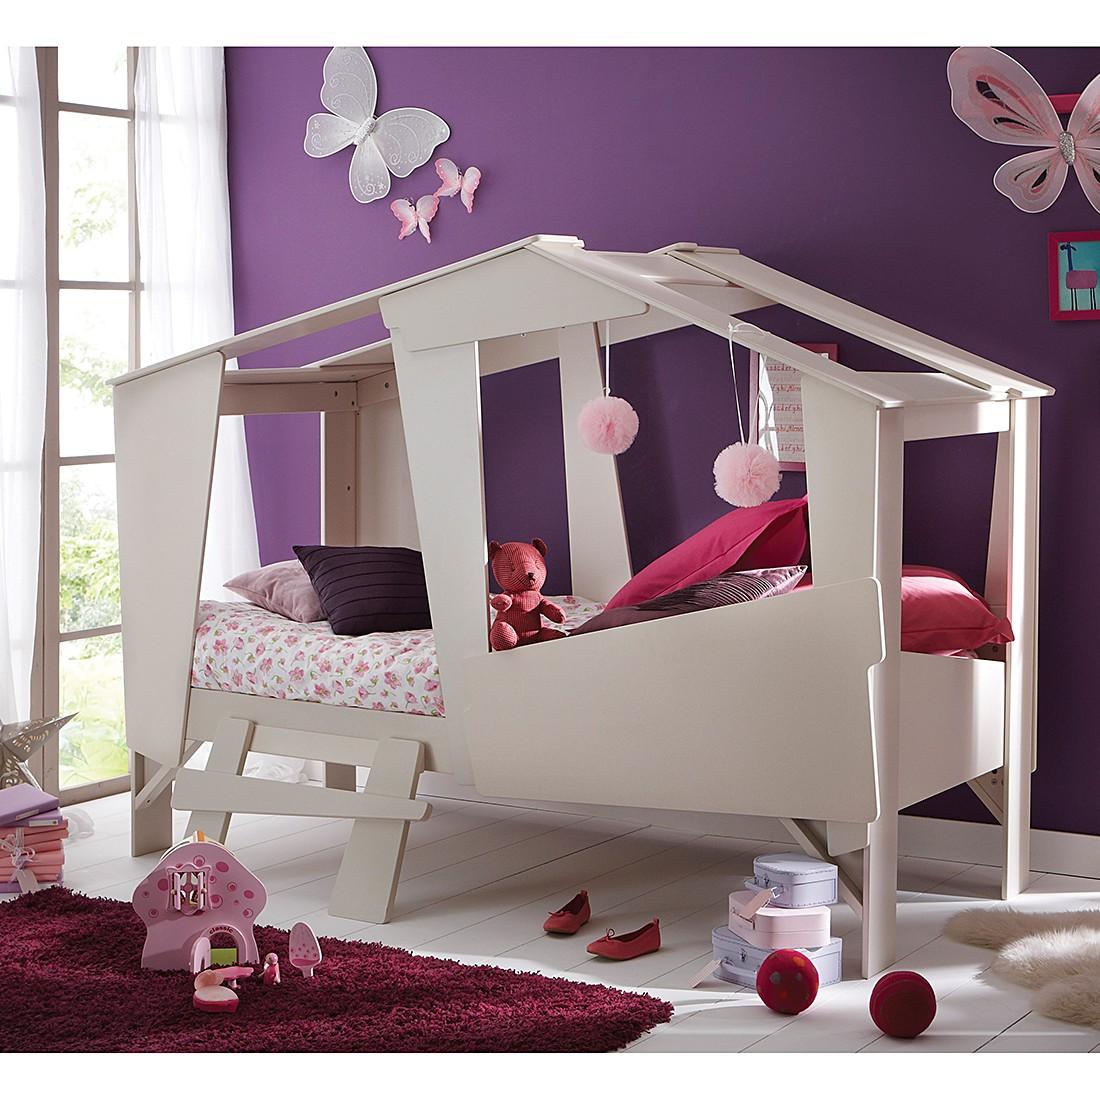 Stilwerk Berlin Betten collection einzelbett für ein modernes kinderzimmer